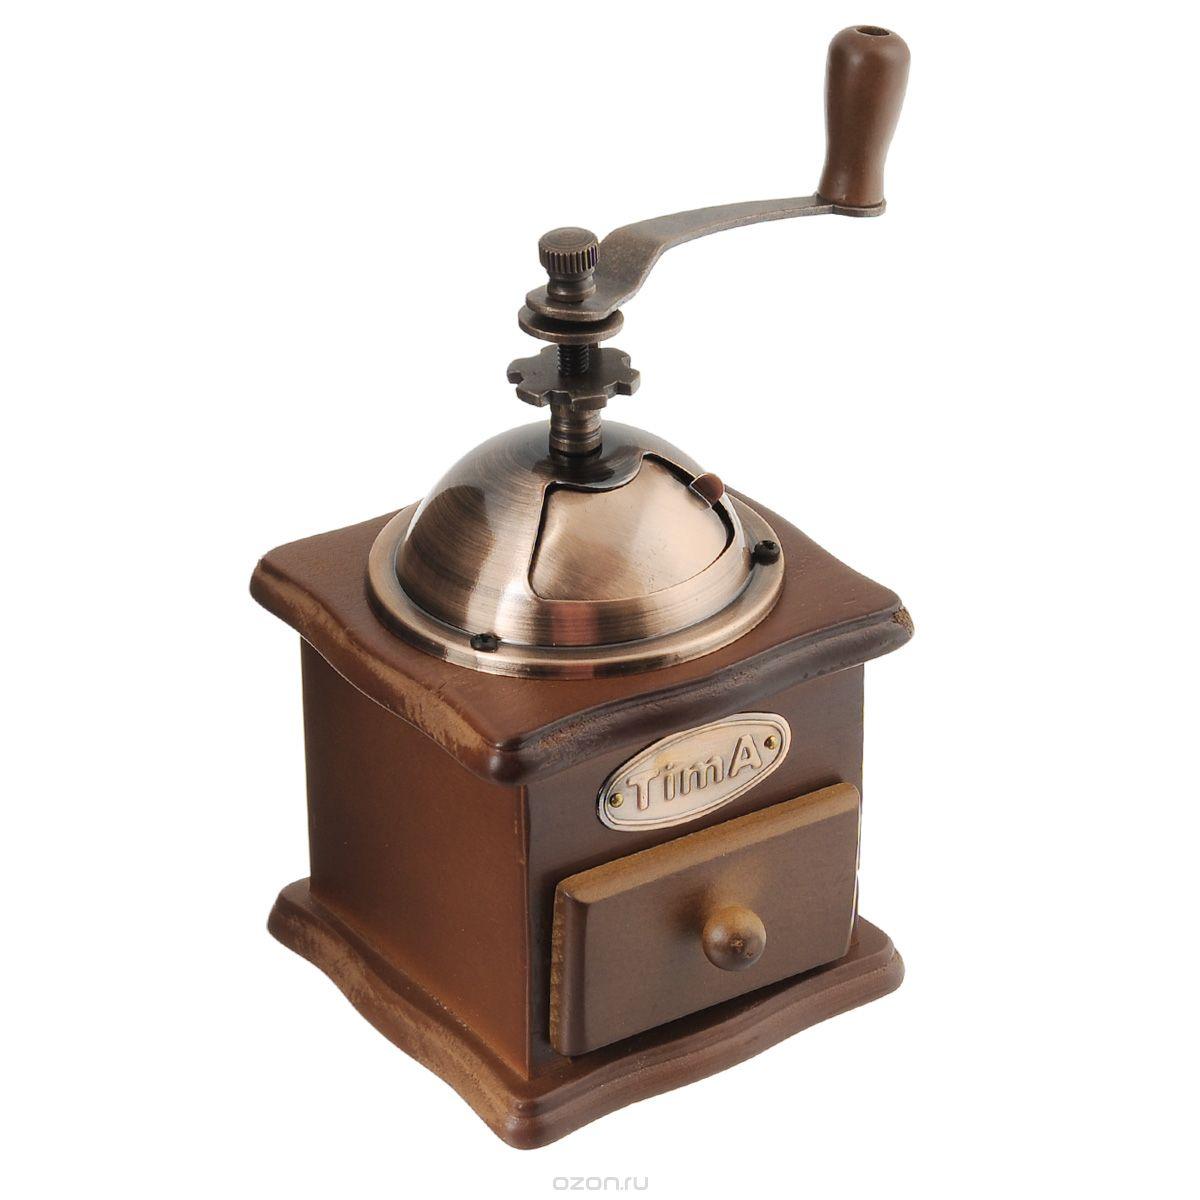 В механической кофемолке TimA размол кофейных зерен производится керамическими жерновами, приводимыми во вращение рукояткой. Использование керамических материалов не только сохраняет натуральный вкус и аромат кофе, но и позволяет значительно продлить срок службы кофемолки. Порция кофейных зерен засыпается в чашу либо в купол. Степень помола можно регулировать самостоятельно, для чего надо покрутить винт на центральном стержне над жерновами. Для варки кофе в турке жернова должны быть расположены максимально близко друг к другу, для заваривания кофе во френч-прессе надо увеличить расстояние между жерновами. Молотый кофе накапливается в специальном деревянном ящичке внизу корпуса.